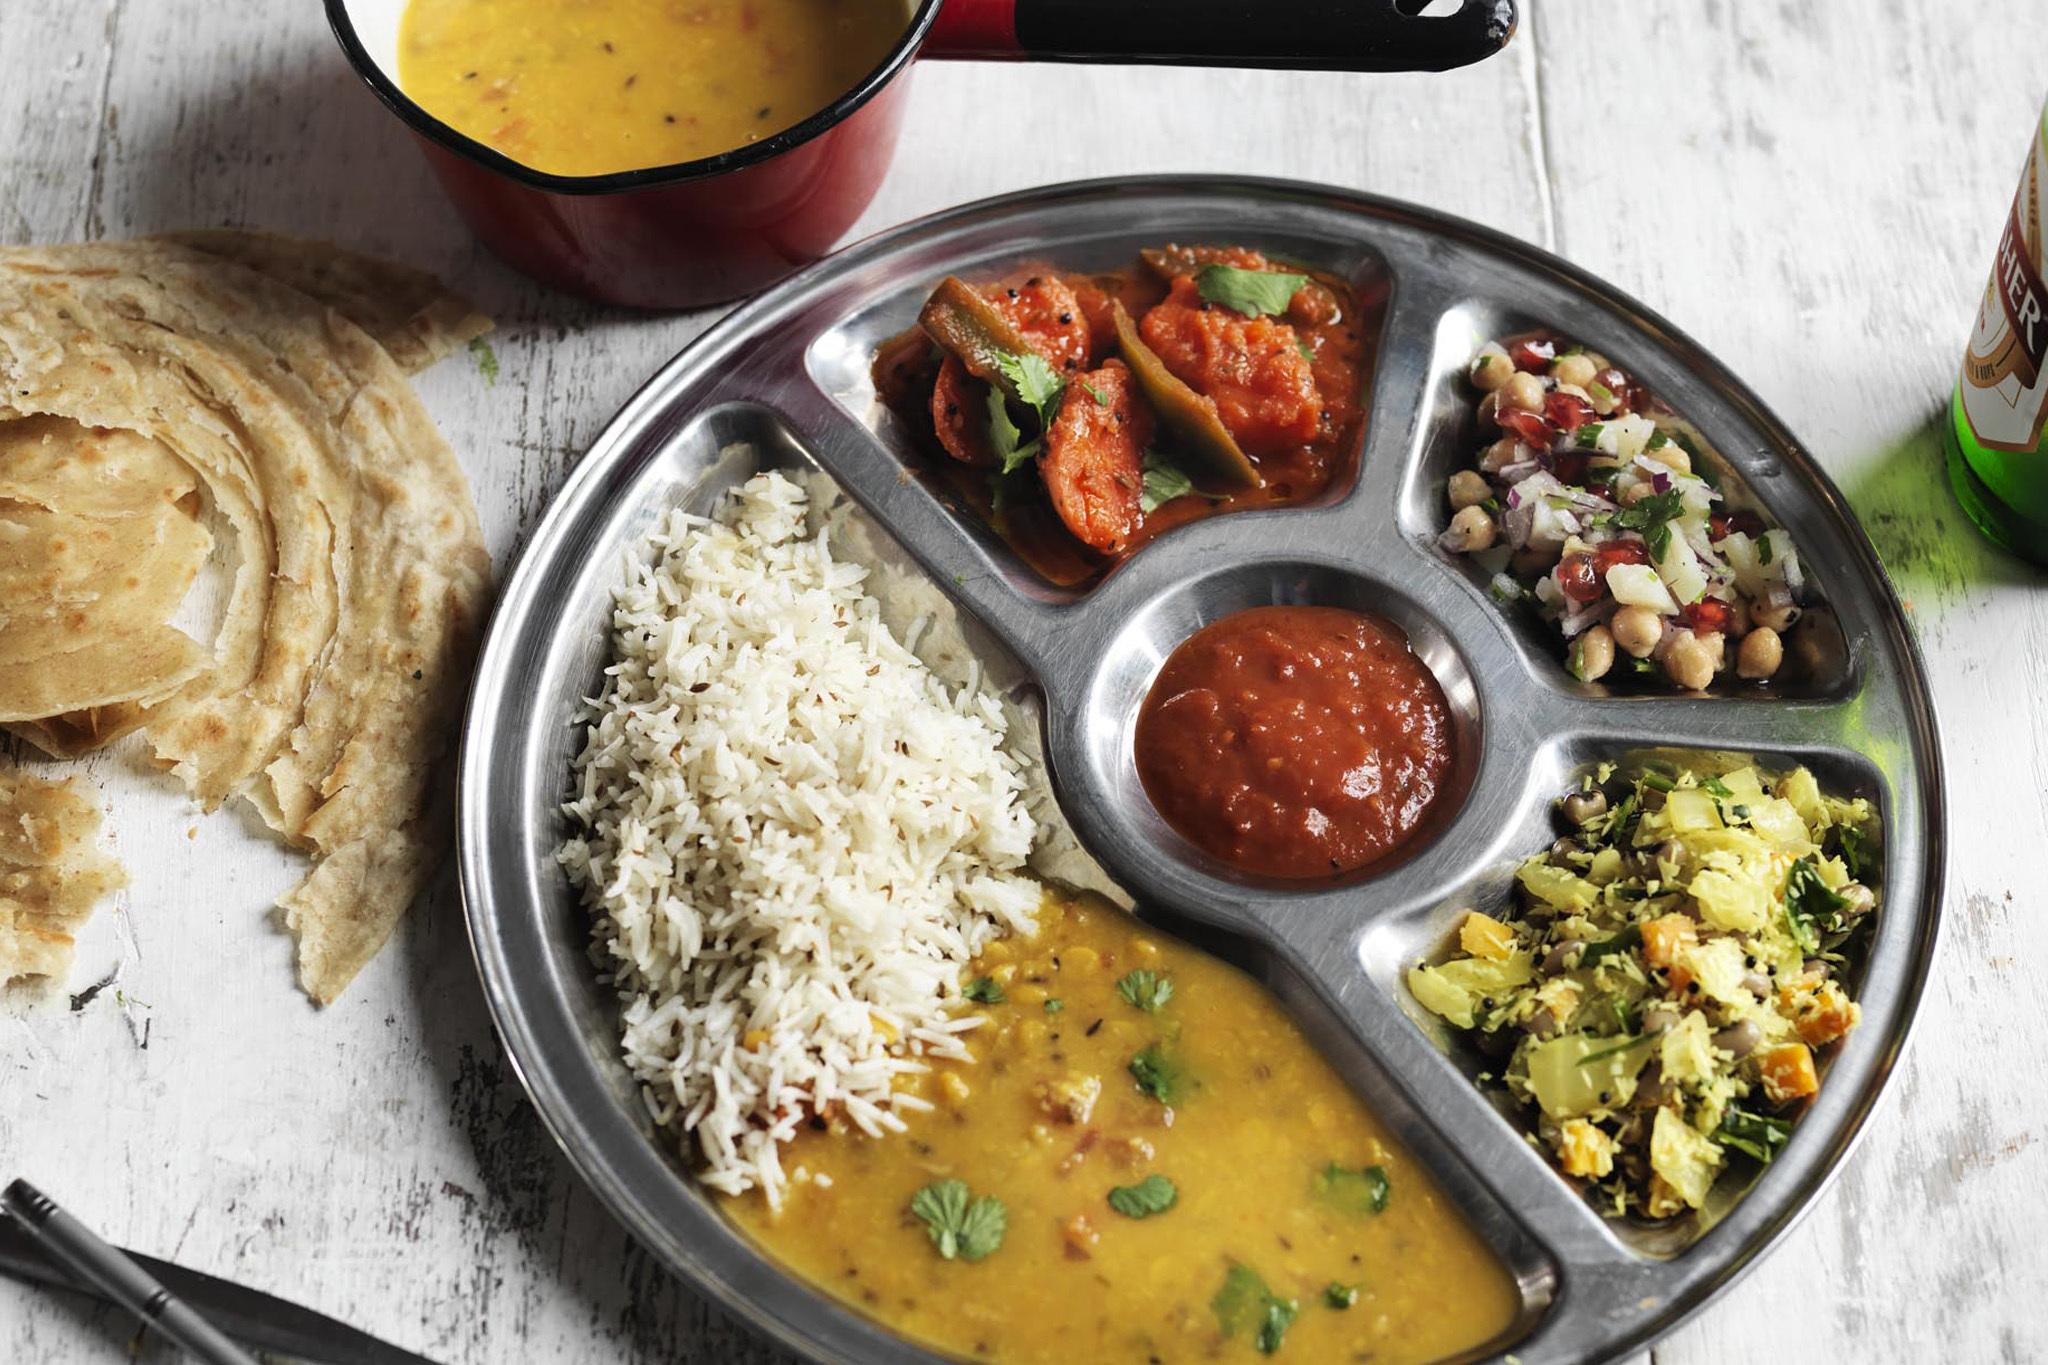 Vegan meal at the Thali